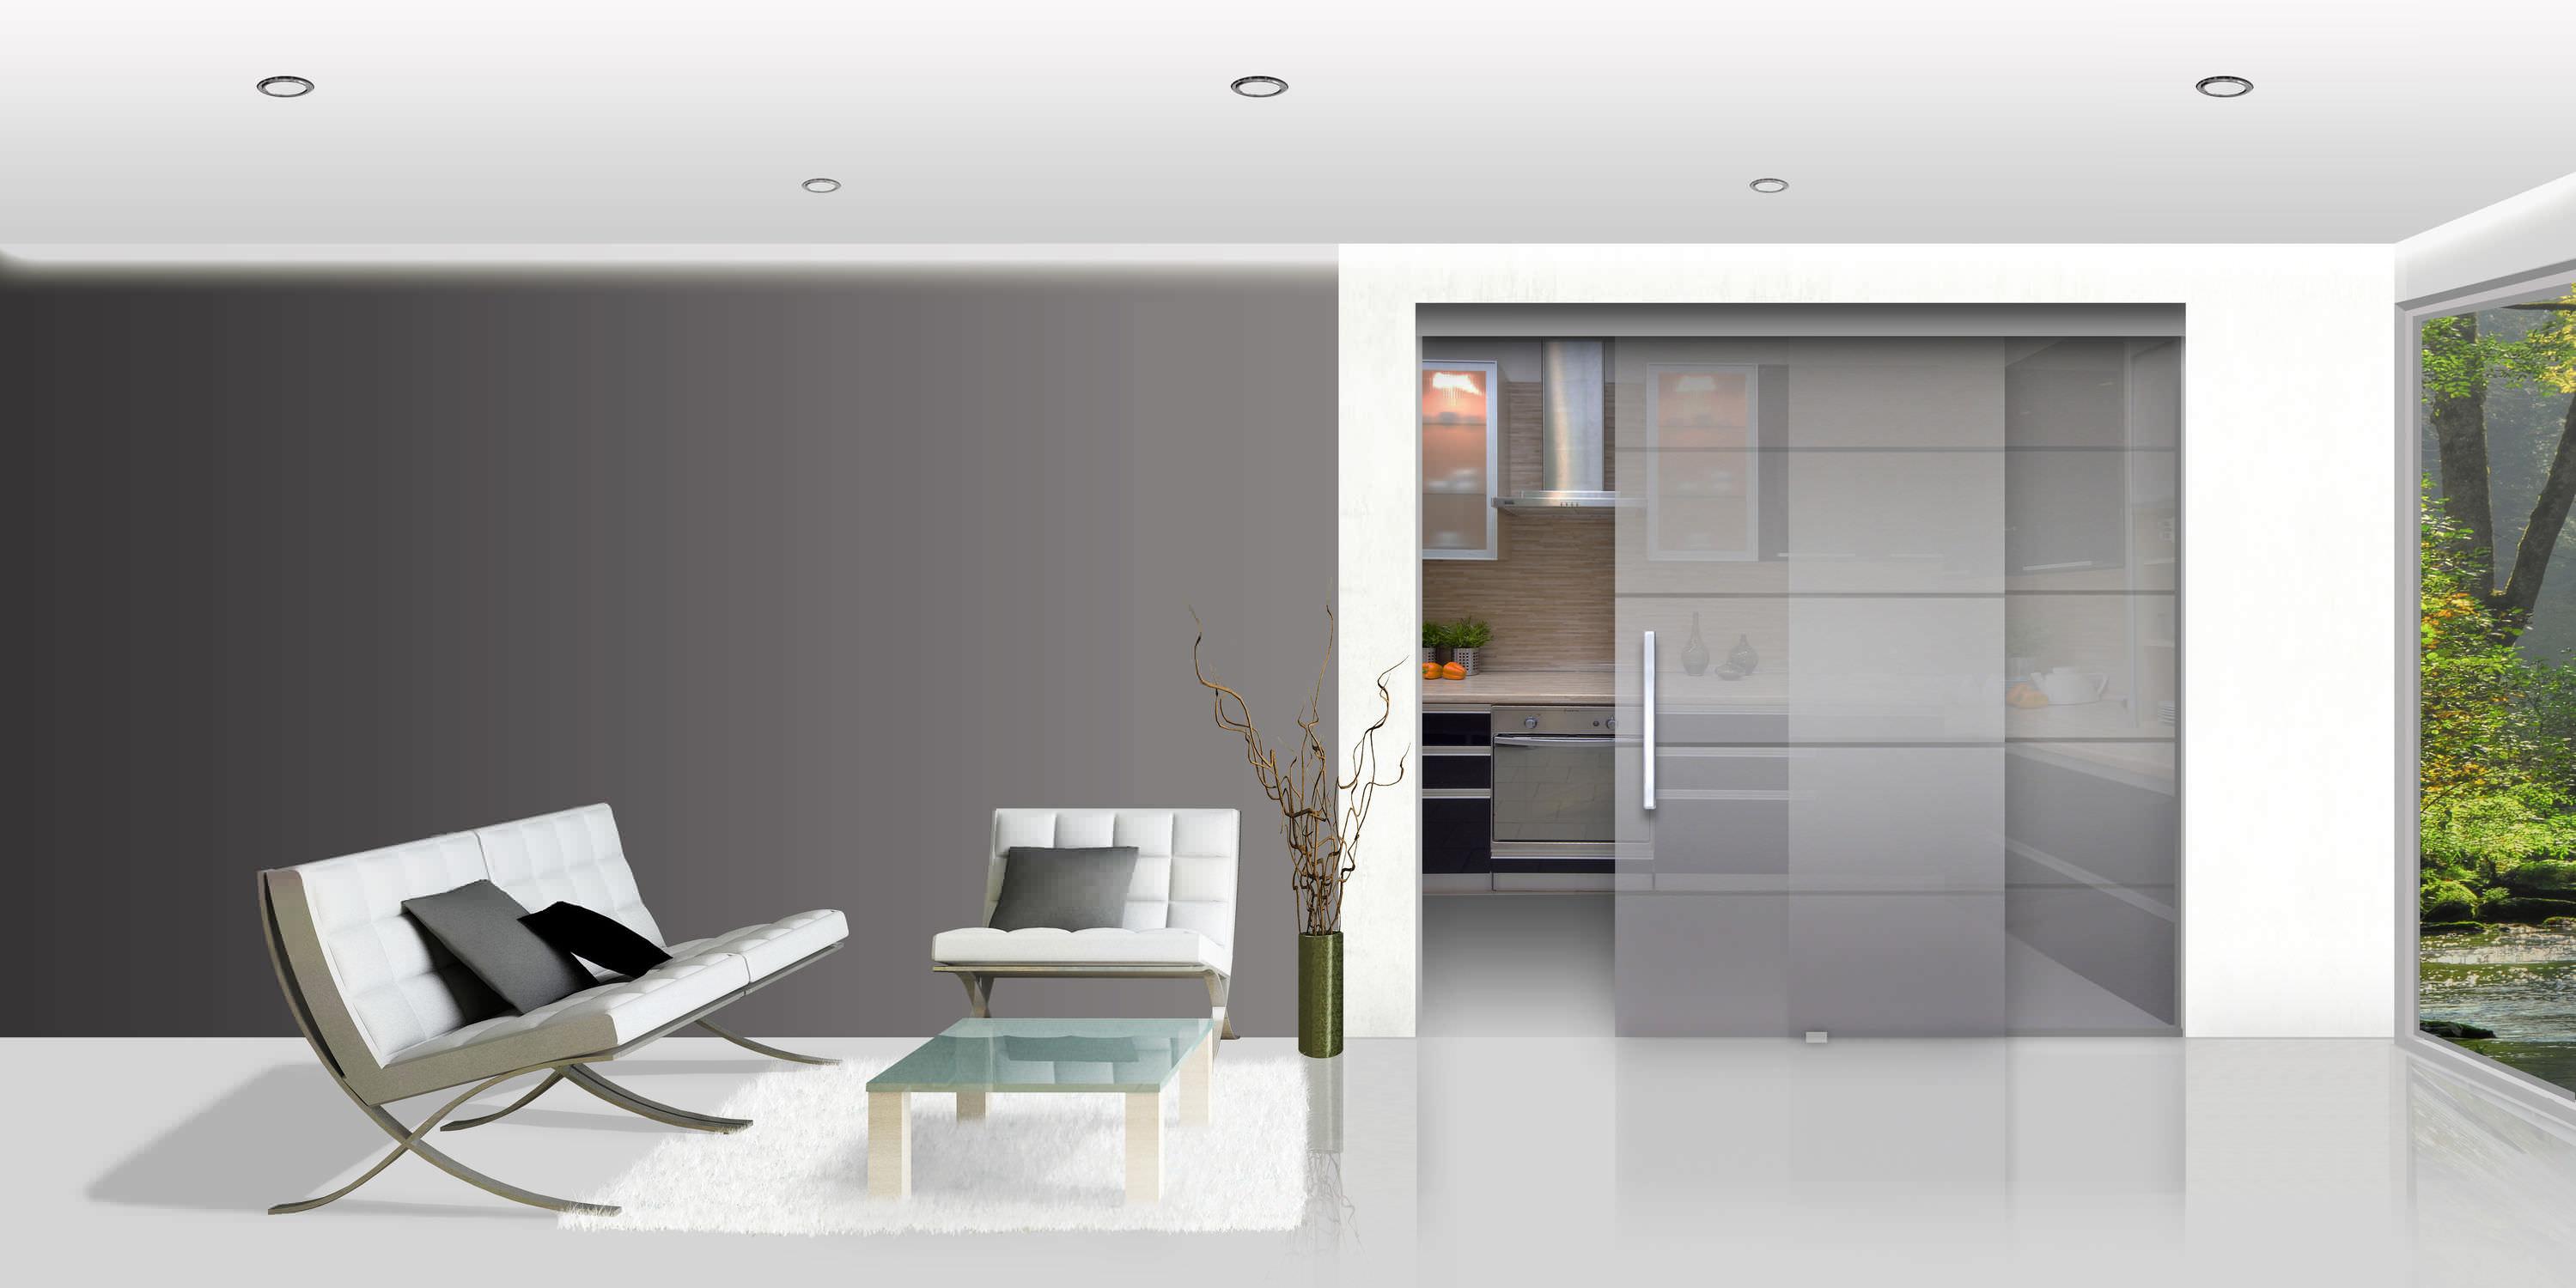 Glasschiebeturbeschlag Smart Openspace Sliding Doors By Gosimat